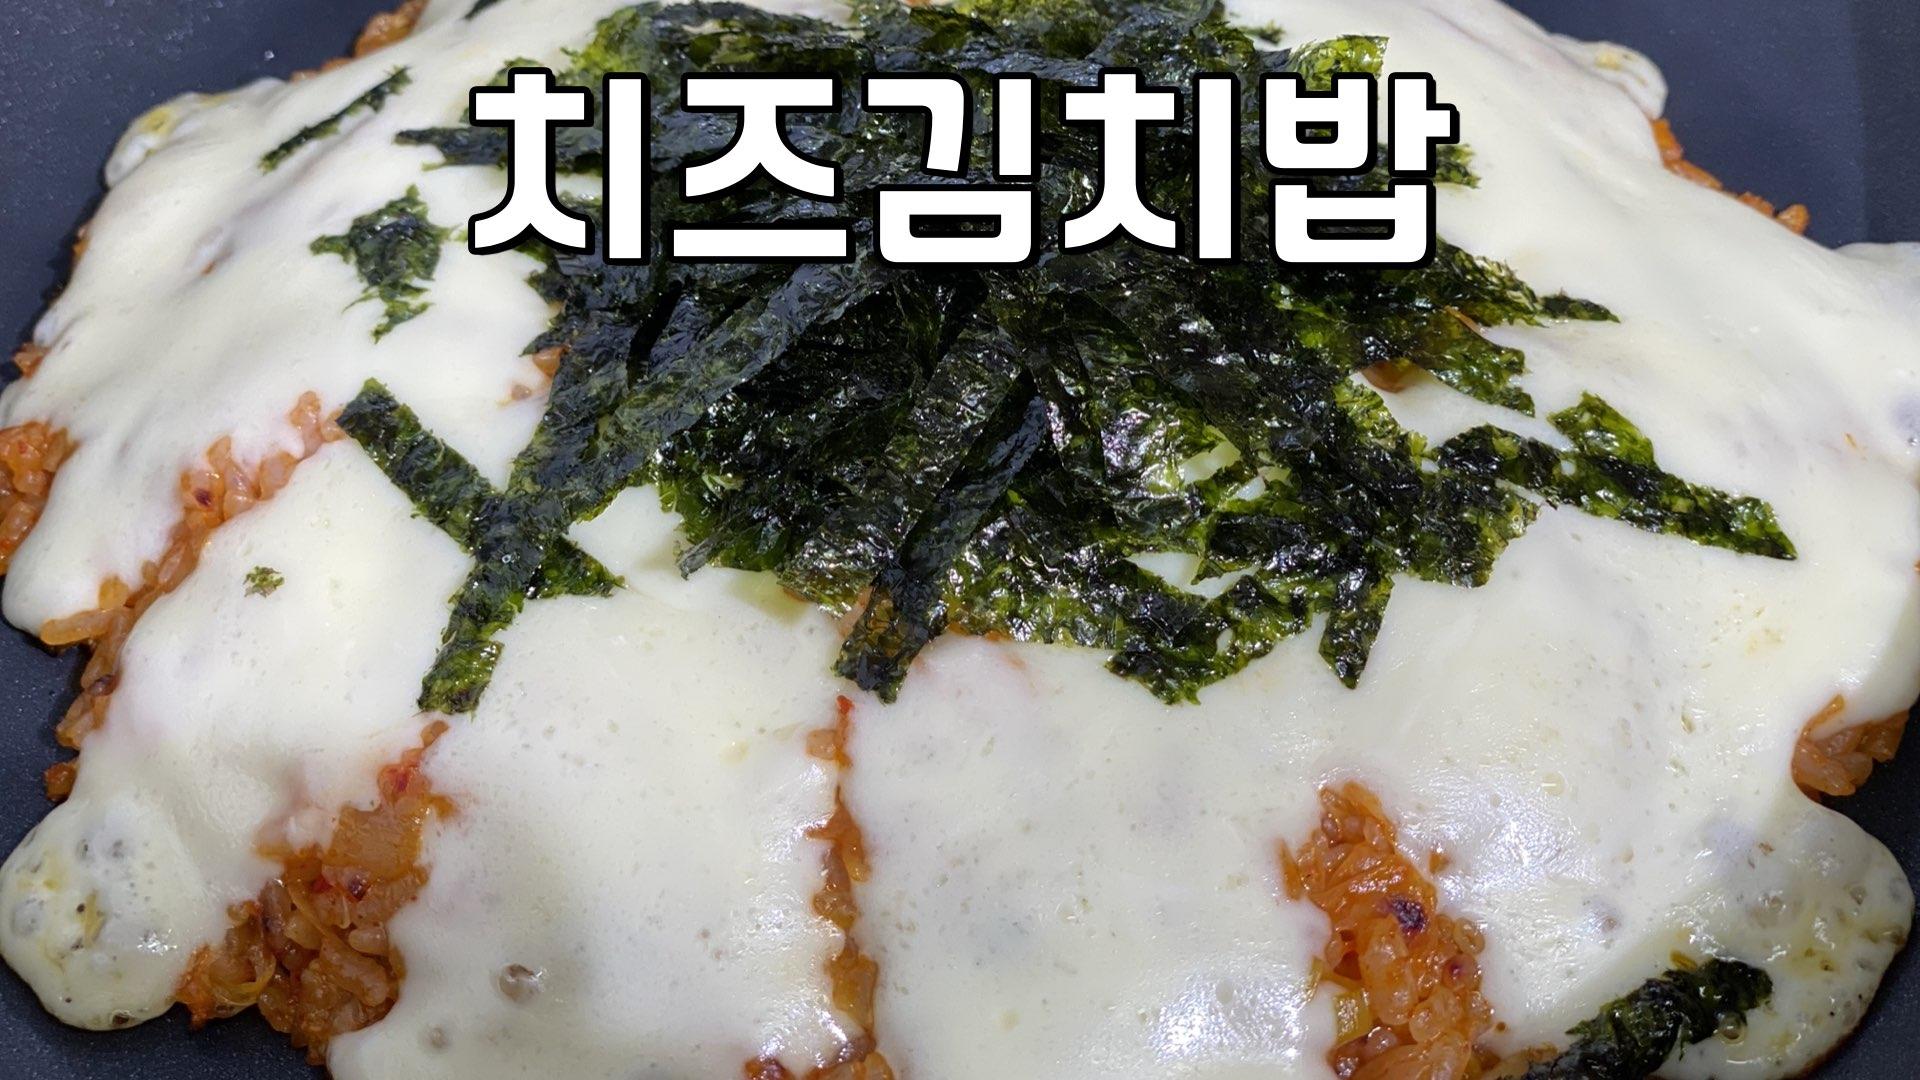 チーズキムチビビンバ 作り方 / チーズキムチご飯 | Olive家の簡単レシピ | まるで雪山☃️?! フライパンで作る超簡単石焼風チーズキムチビビンバ | 時短レシピ | 韓国料理